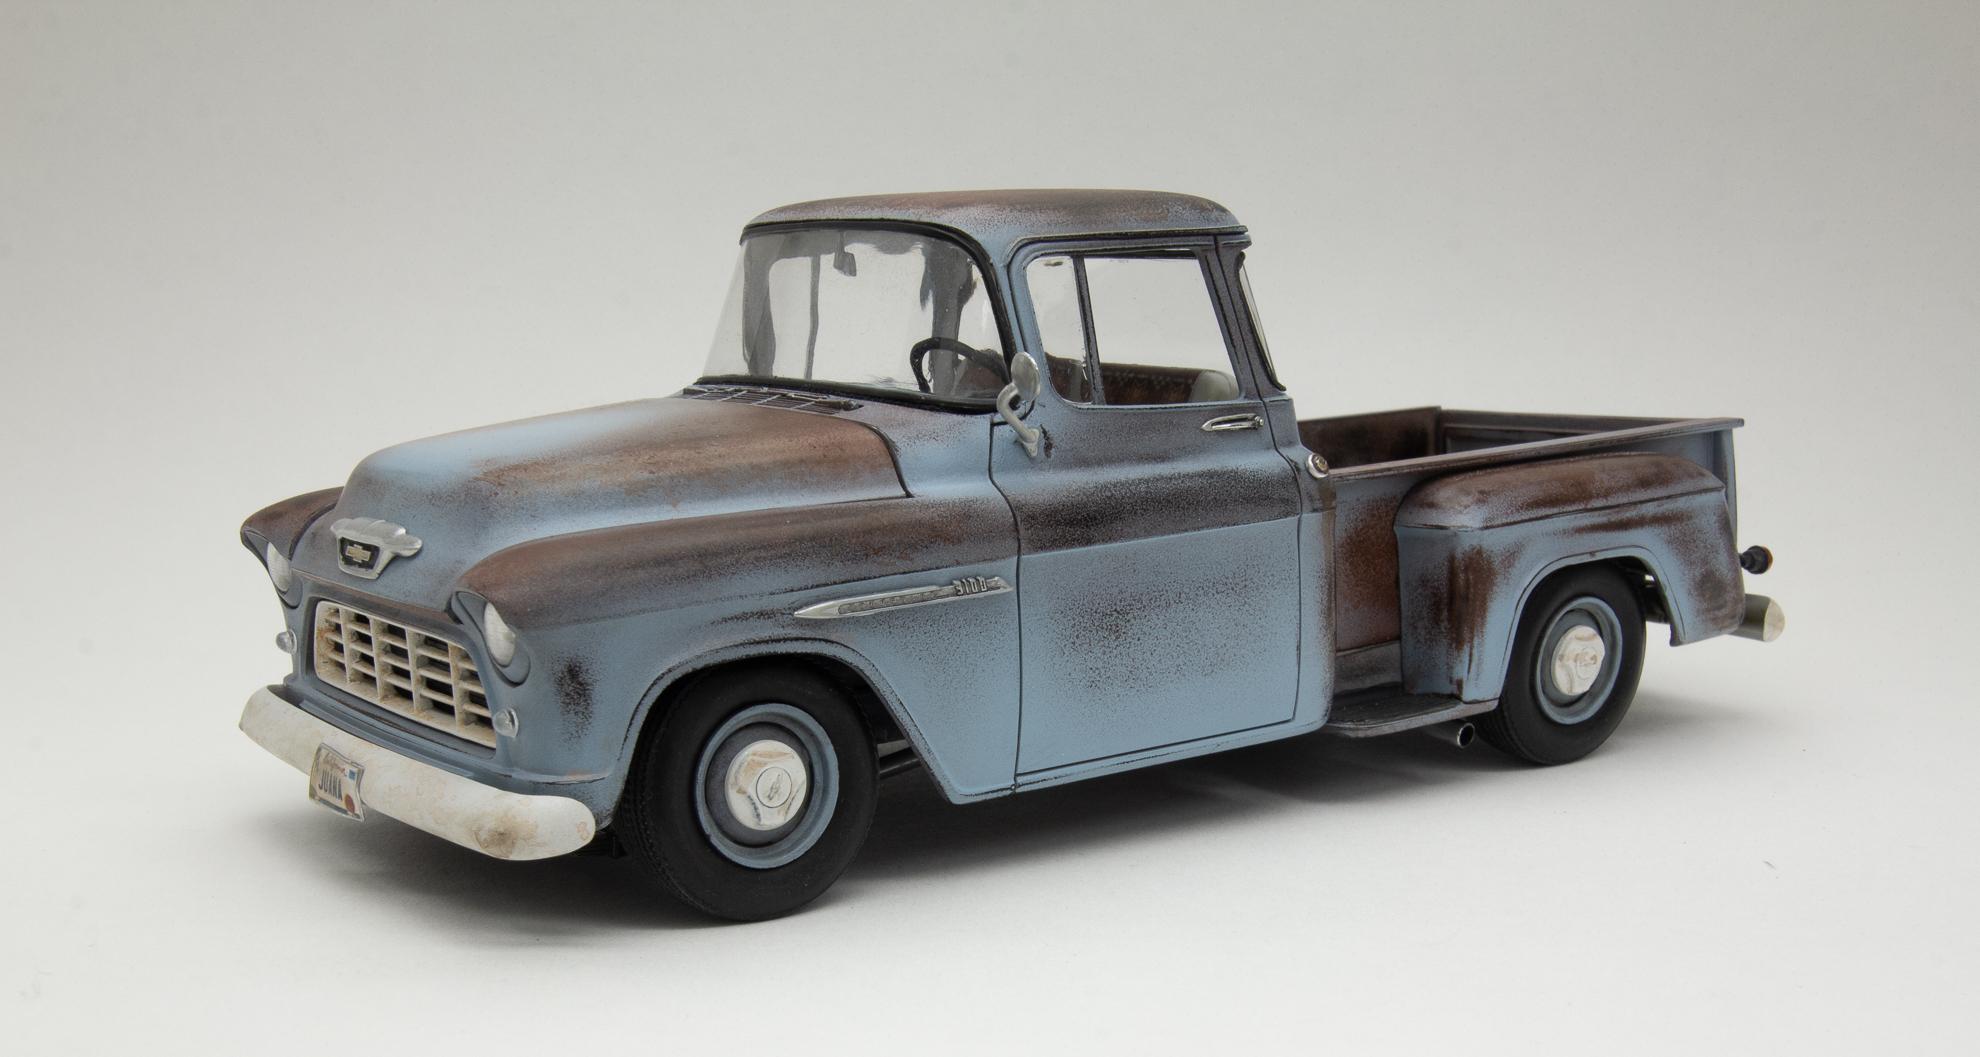 55 Chev Pickup Juana 5